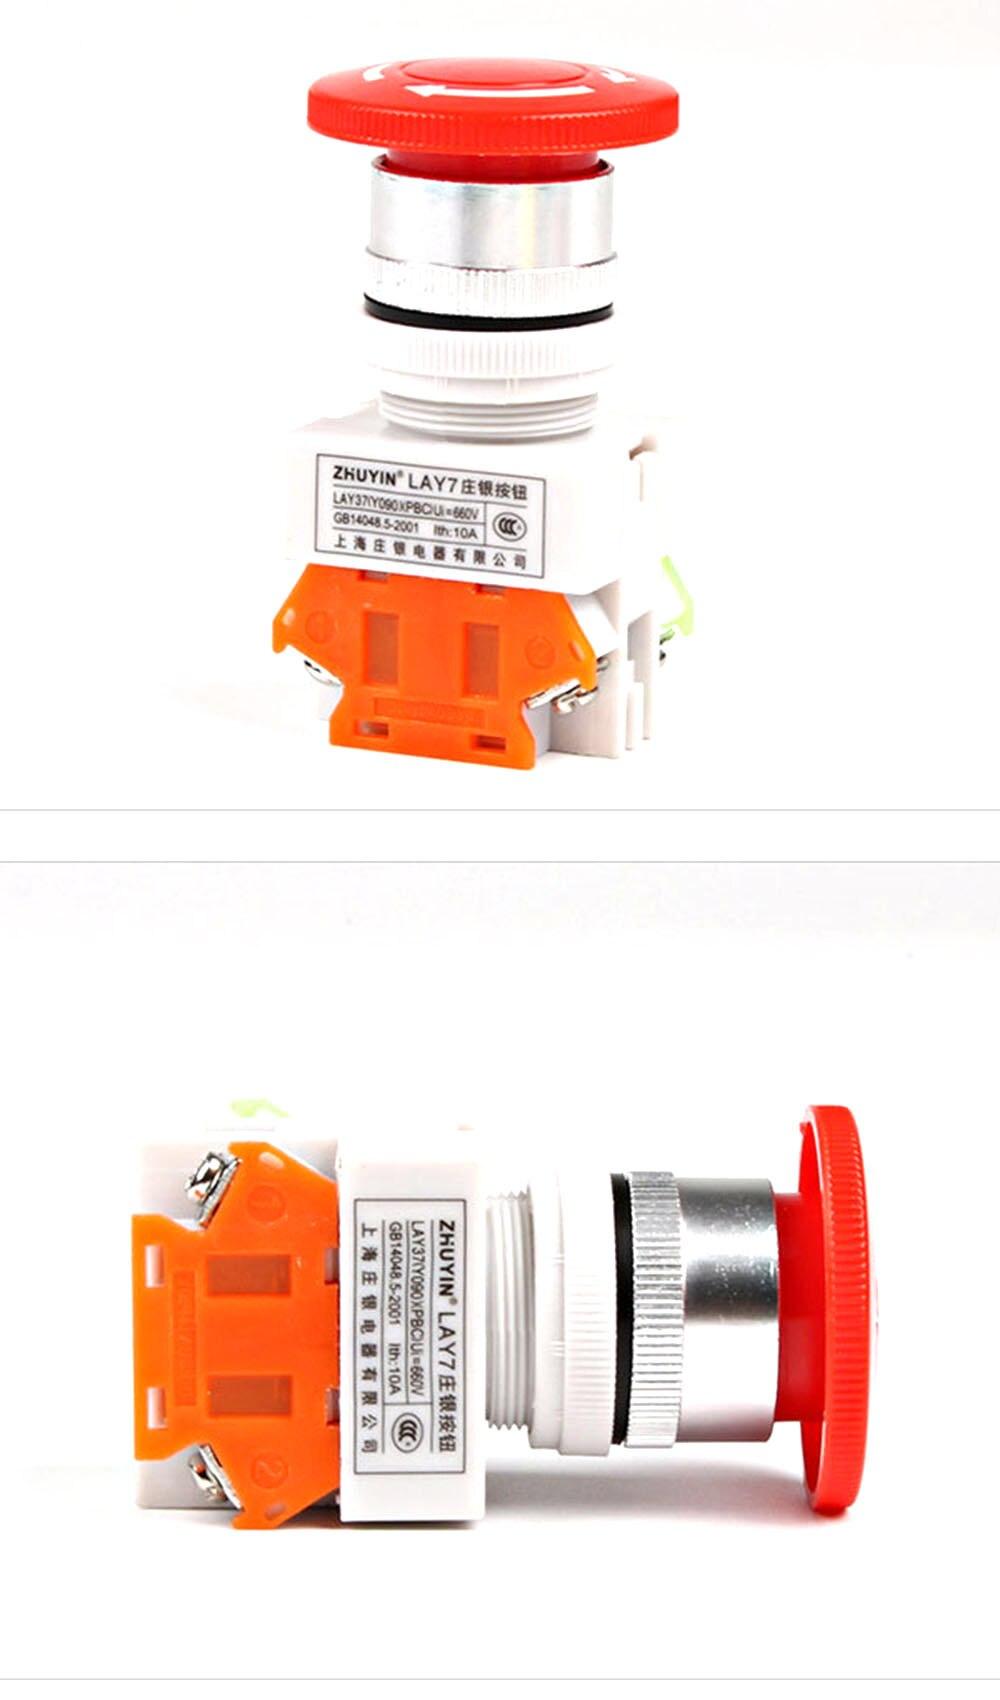 AC 600V 10A красный гриб крышка 1NO 1NC DPST аварийный стоп кнопочный переключатель охранная сигнализация